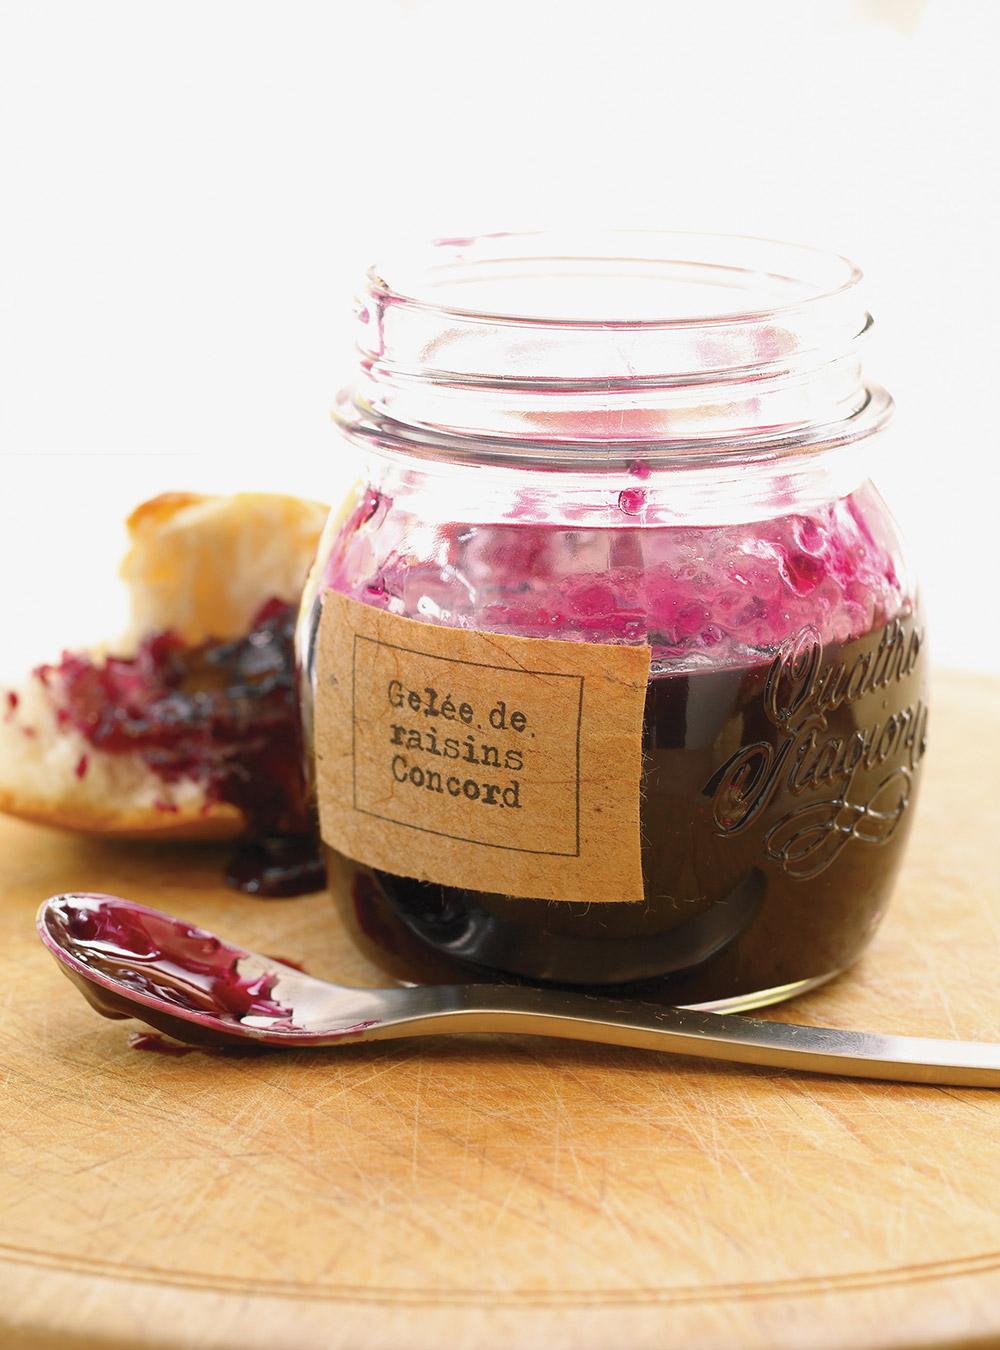 Gelée de raisins concord   ricardo